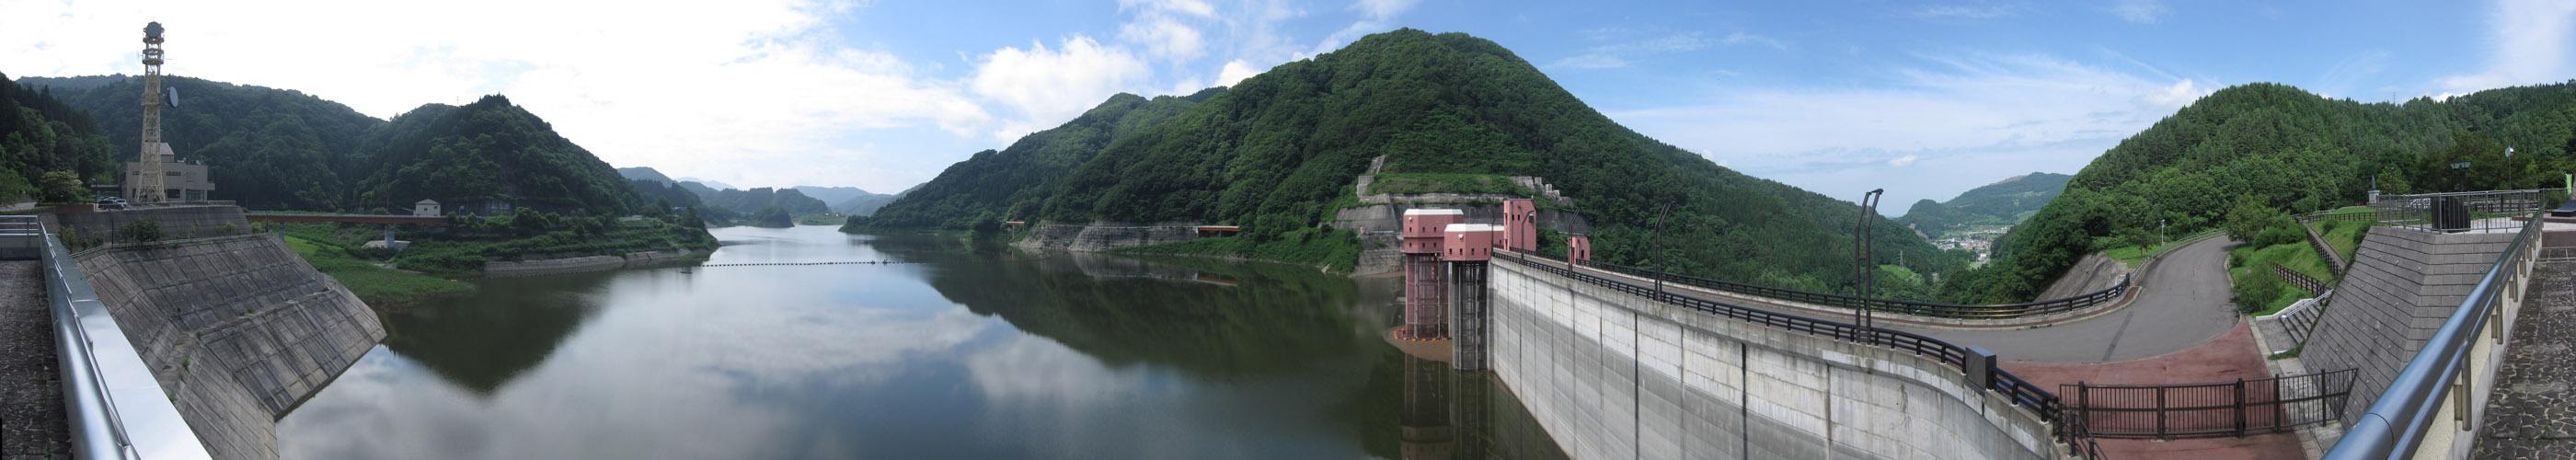 浅瀬石川ダムから臨む虹の湖